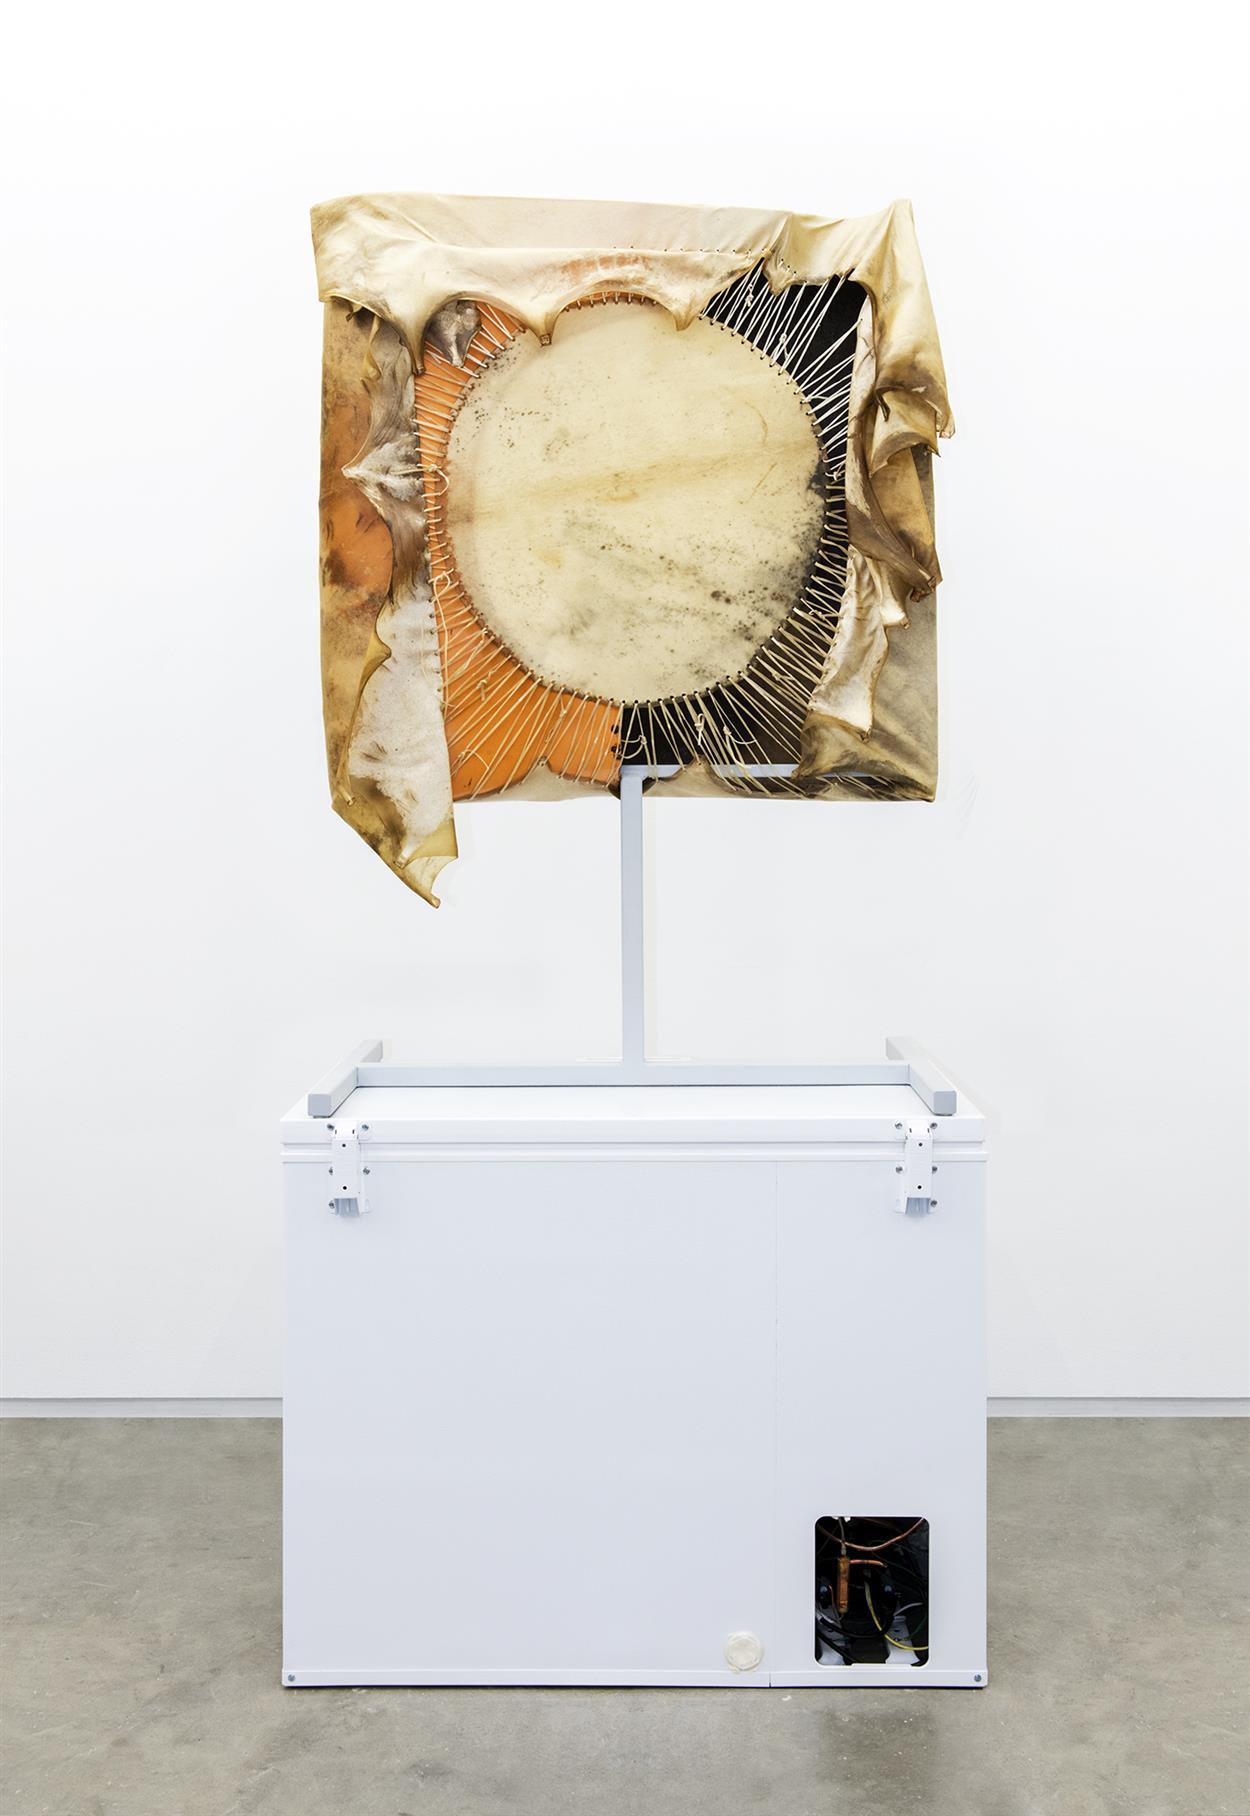 Brian Jungen,  Moon,  2013, Steel, deer hide, Trabant fenders, Freezer, 101 5/8 x 51 1/8 x 28 inches. Courtesy Catriona Jeffries.